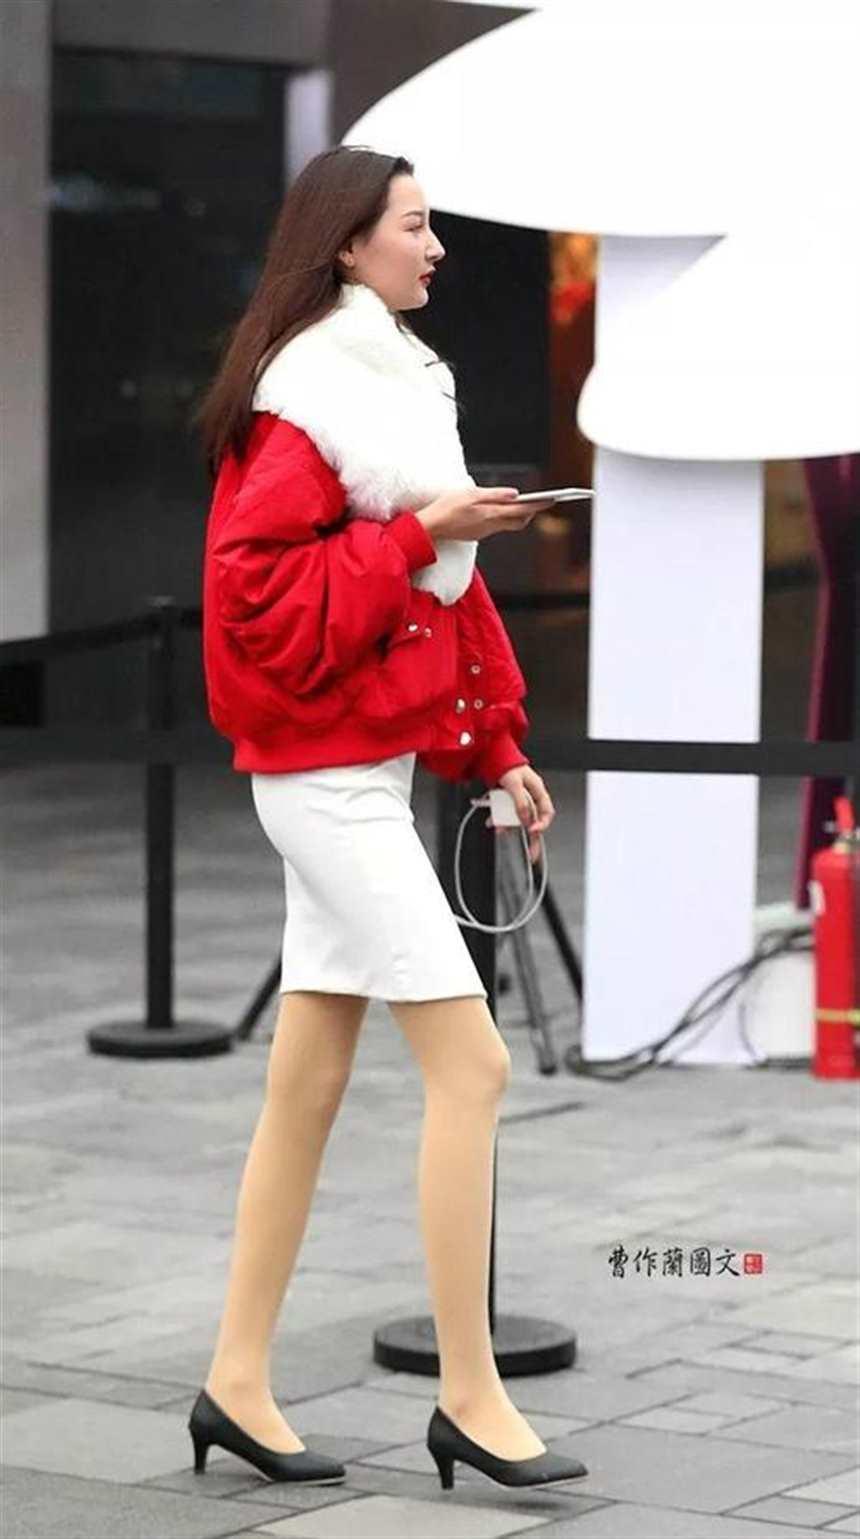 街拍:肉色丝袜美女,让玉腿真肌肤多一层神秘感(点击浏览下一张趣图)